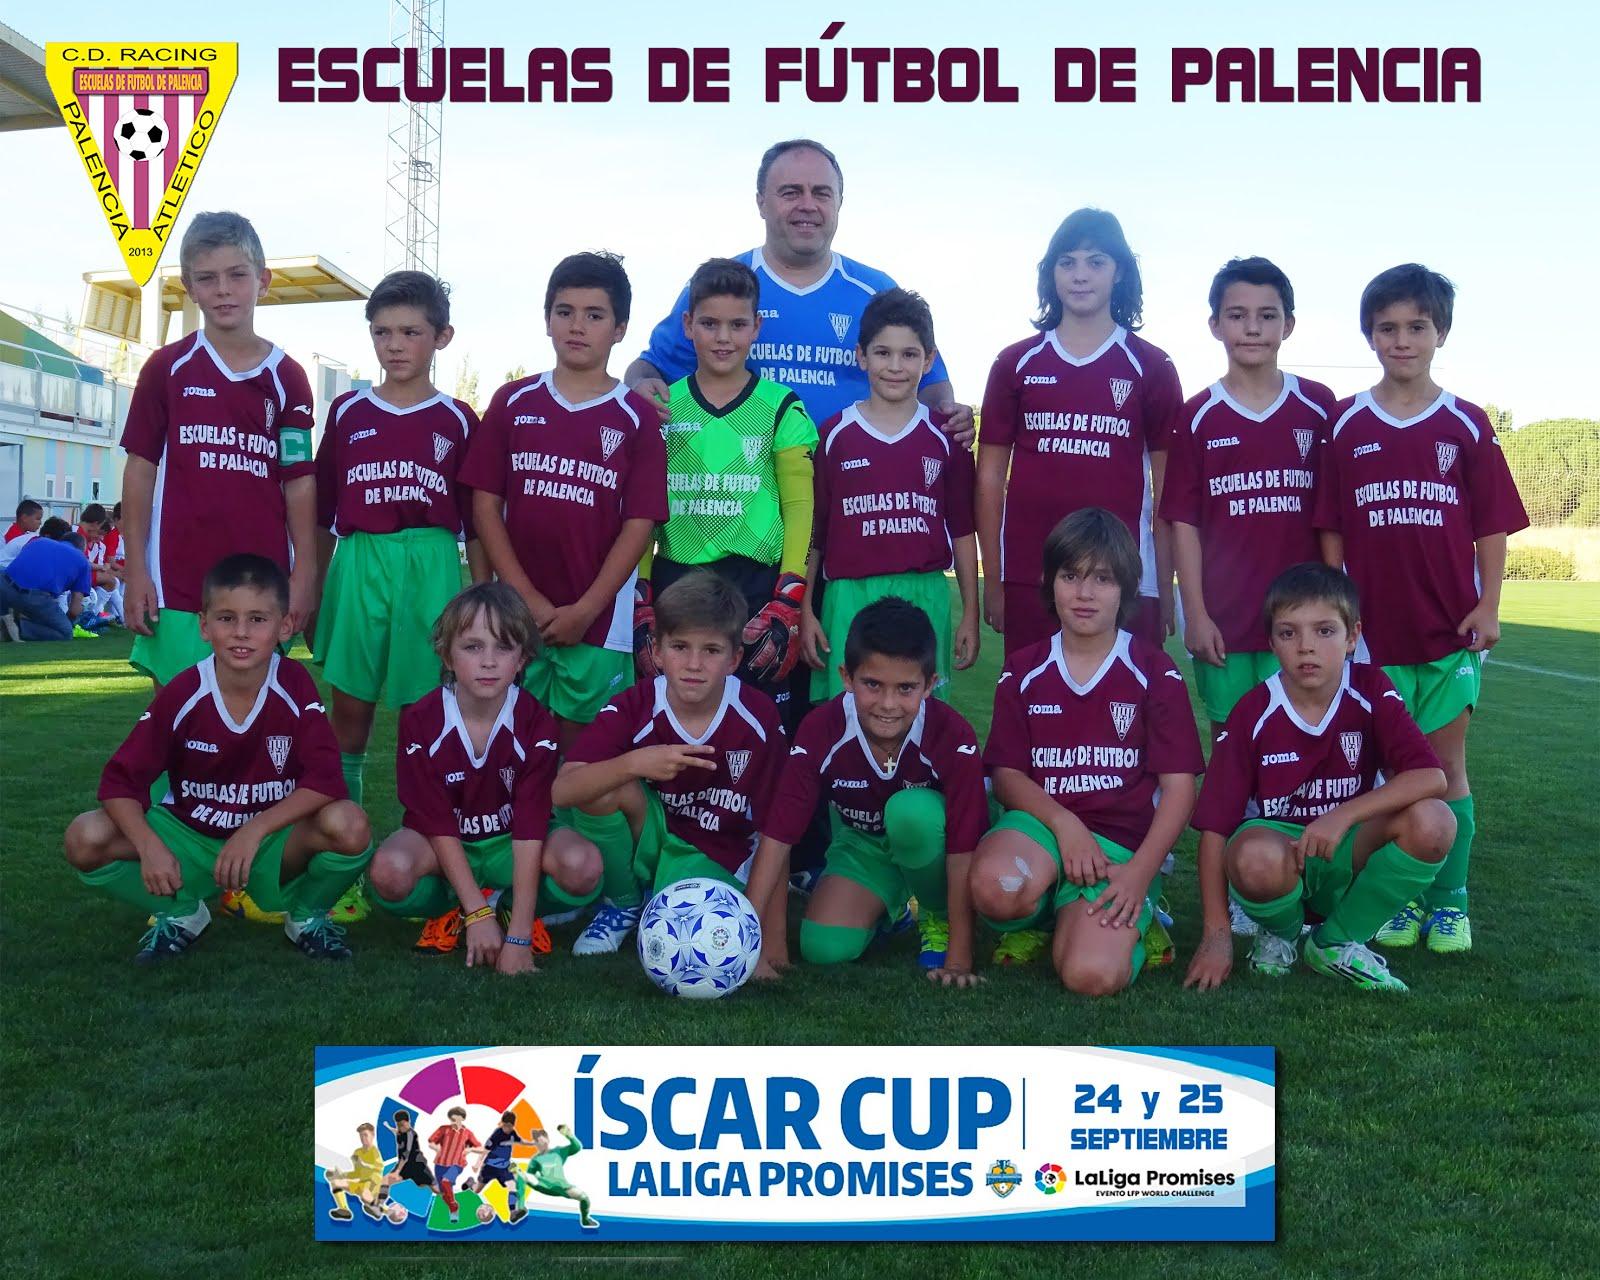 HACIENDO HISTORIA.  LIGA PROMISES - ISCAR CUP 2017